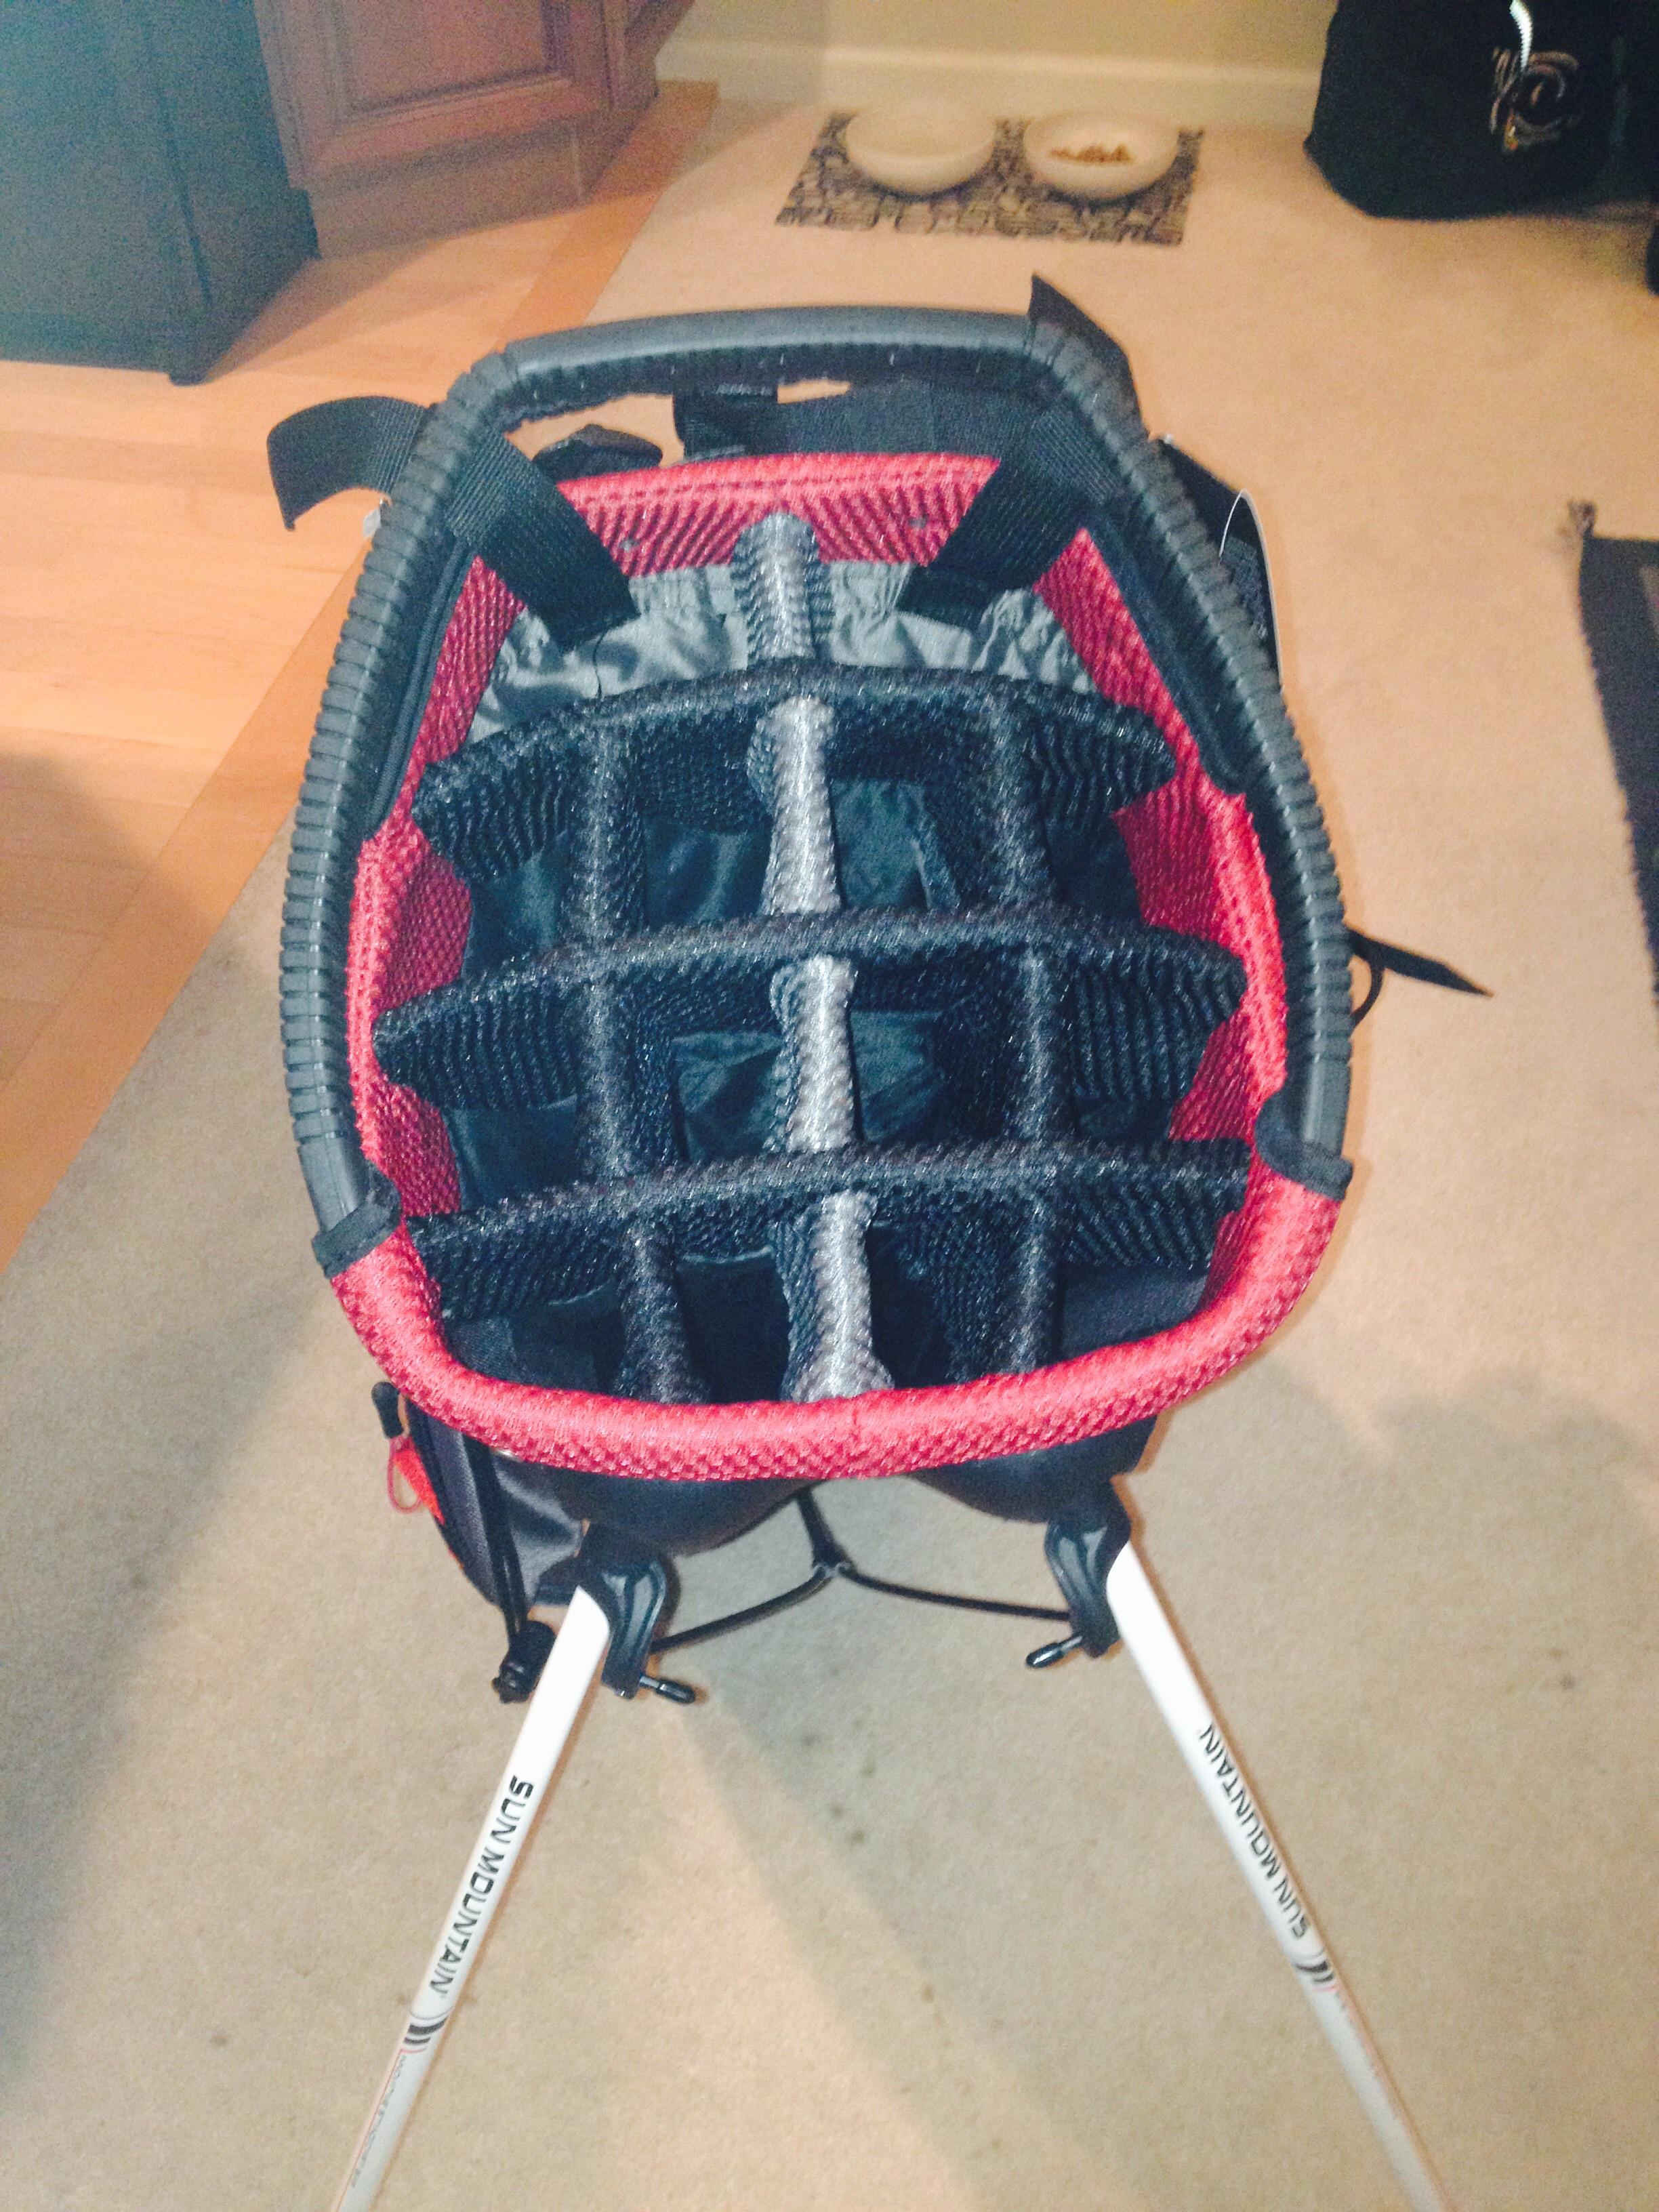 Sun Mountain C 130s Stand Bag Balls Carts Bags Apparel